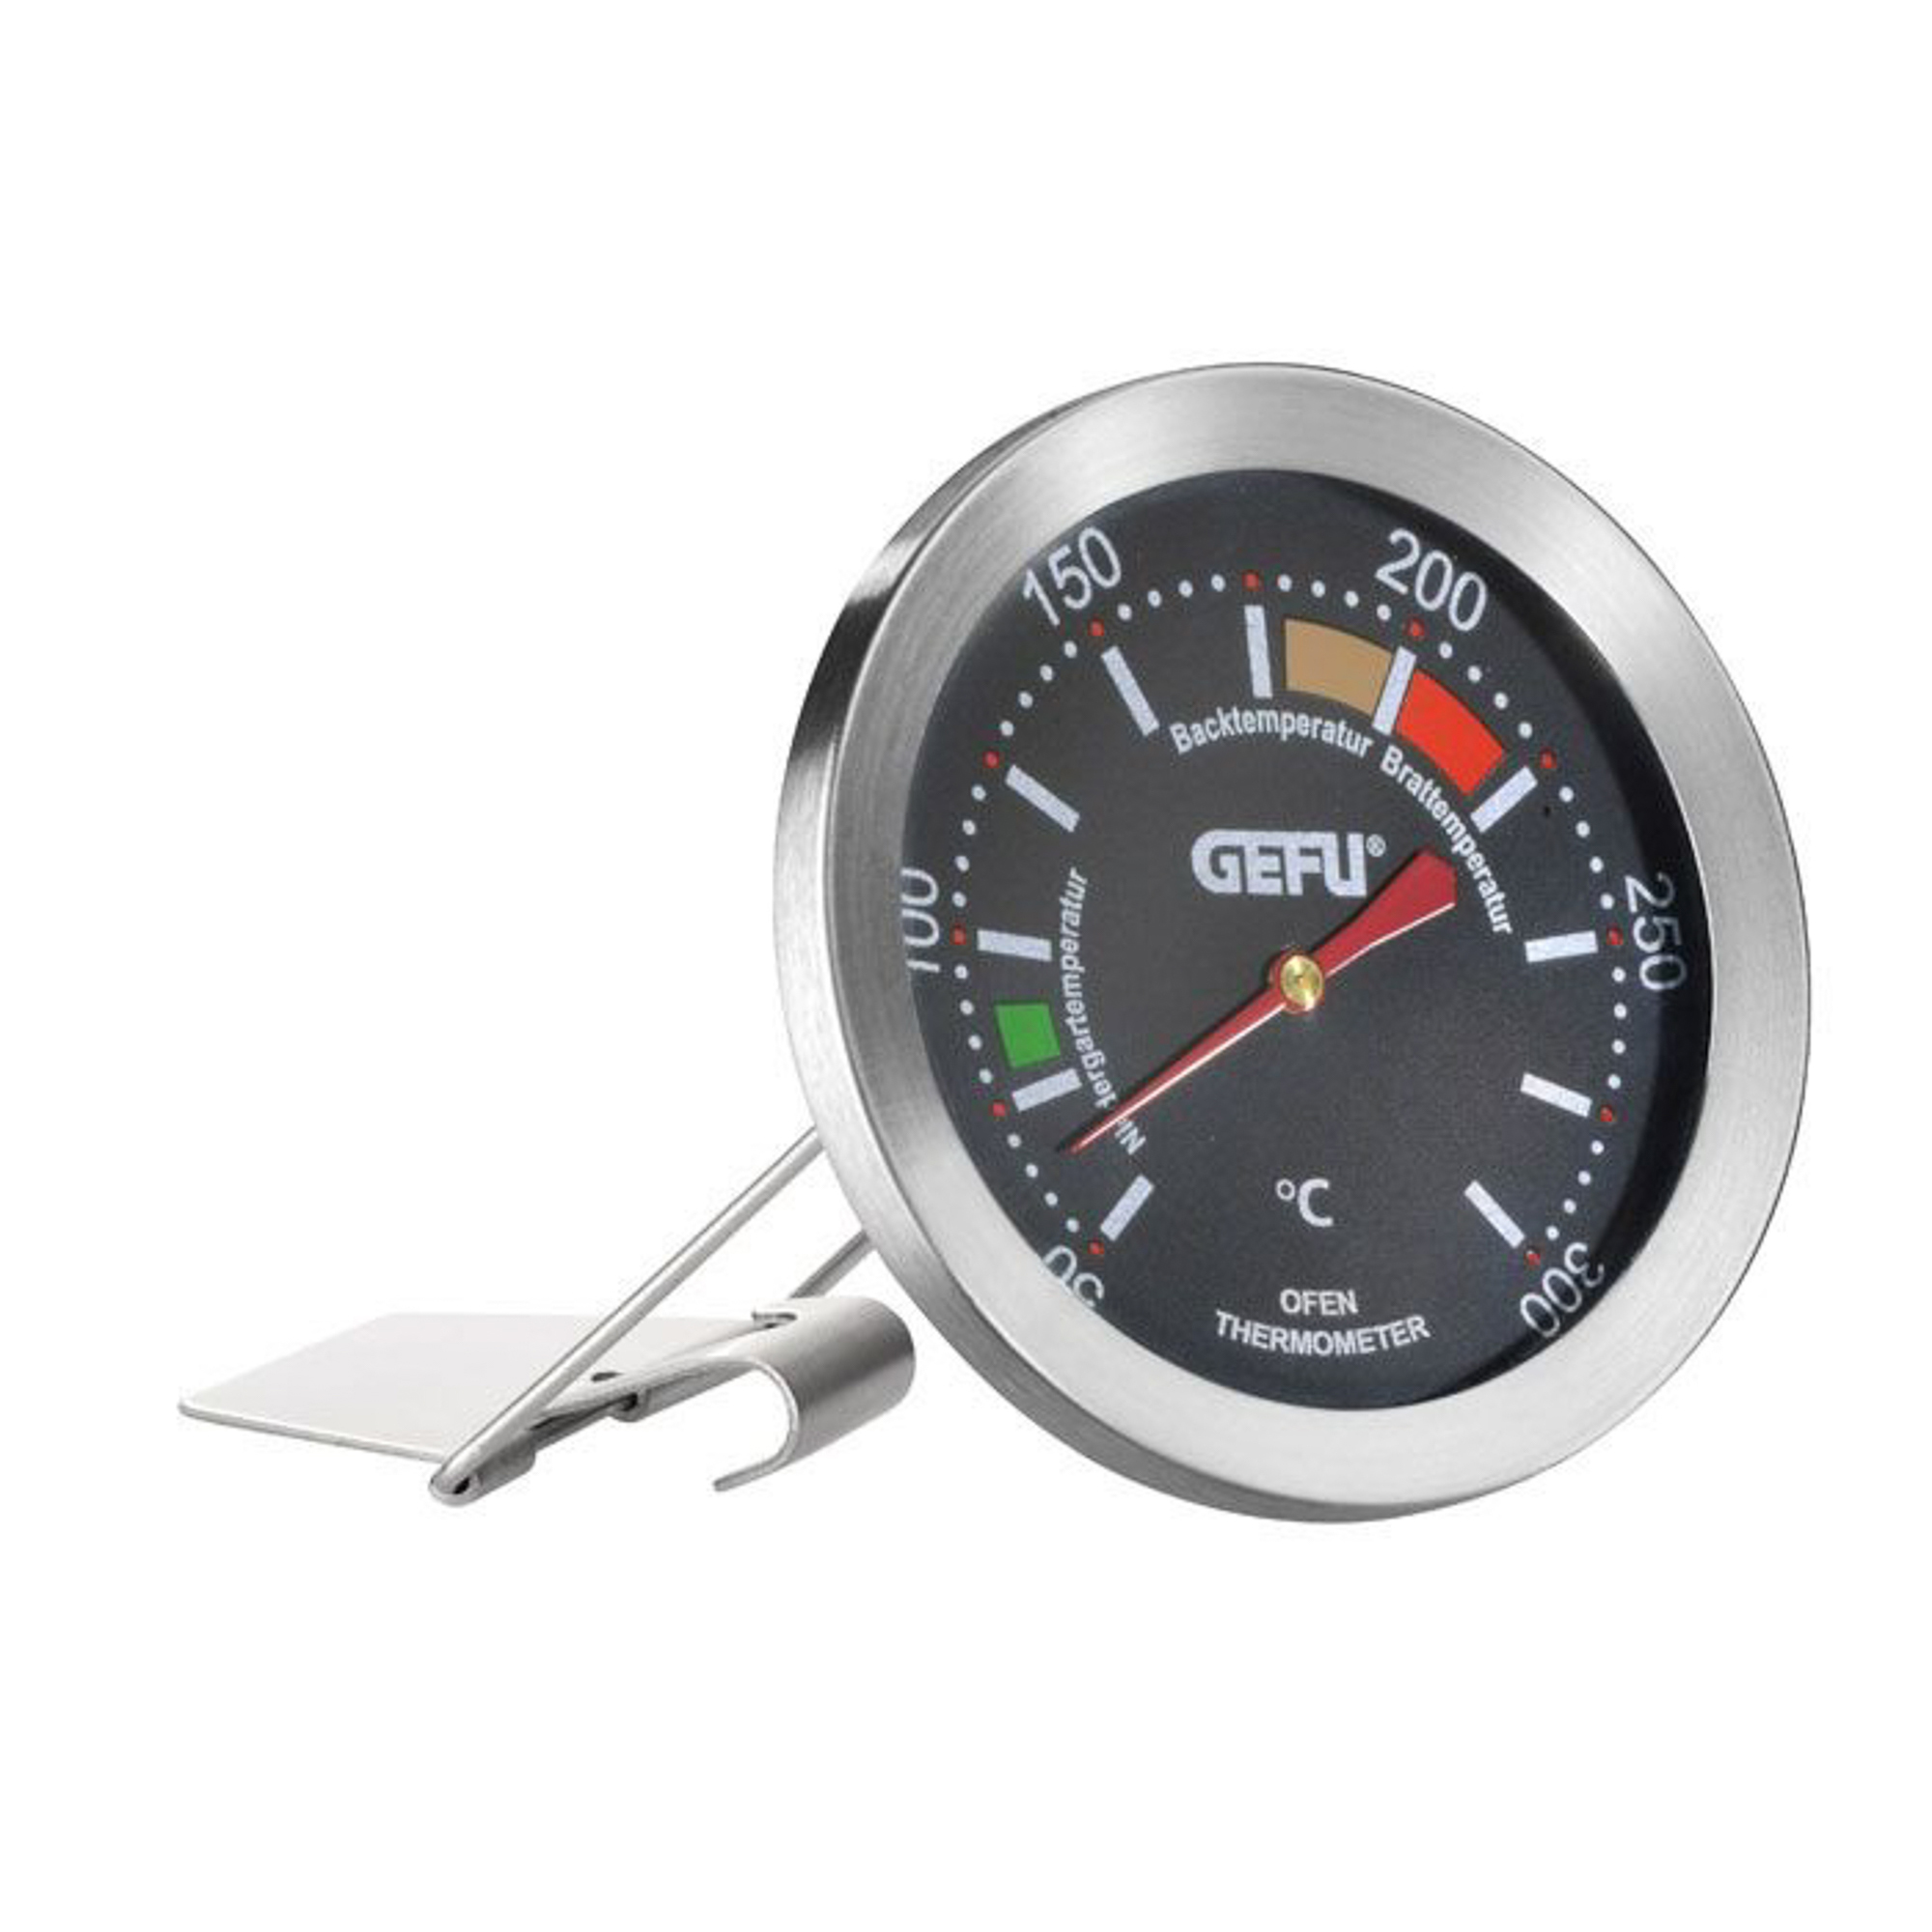 Фото - Термометр для духовки Gefu термометр для жарки электронный темпере gefu 21840